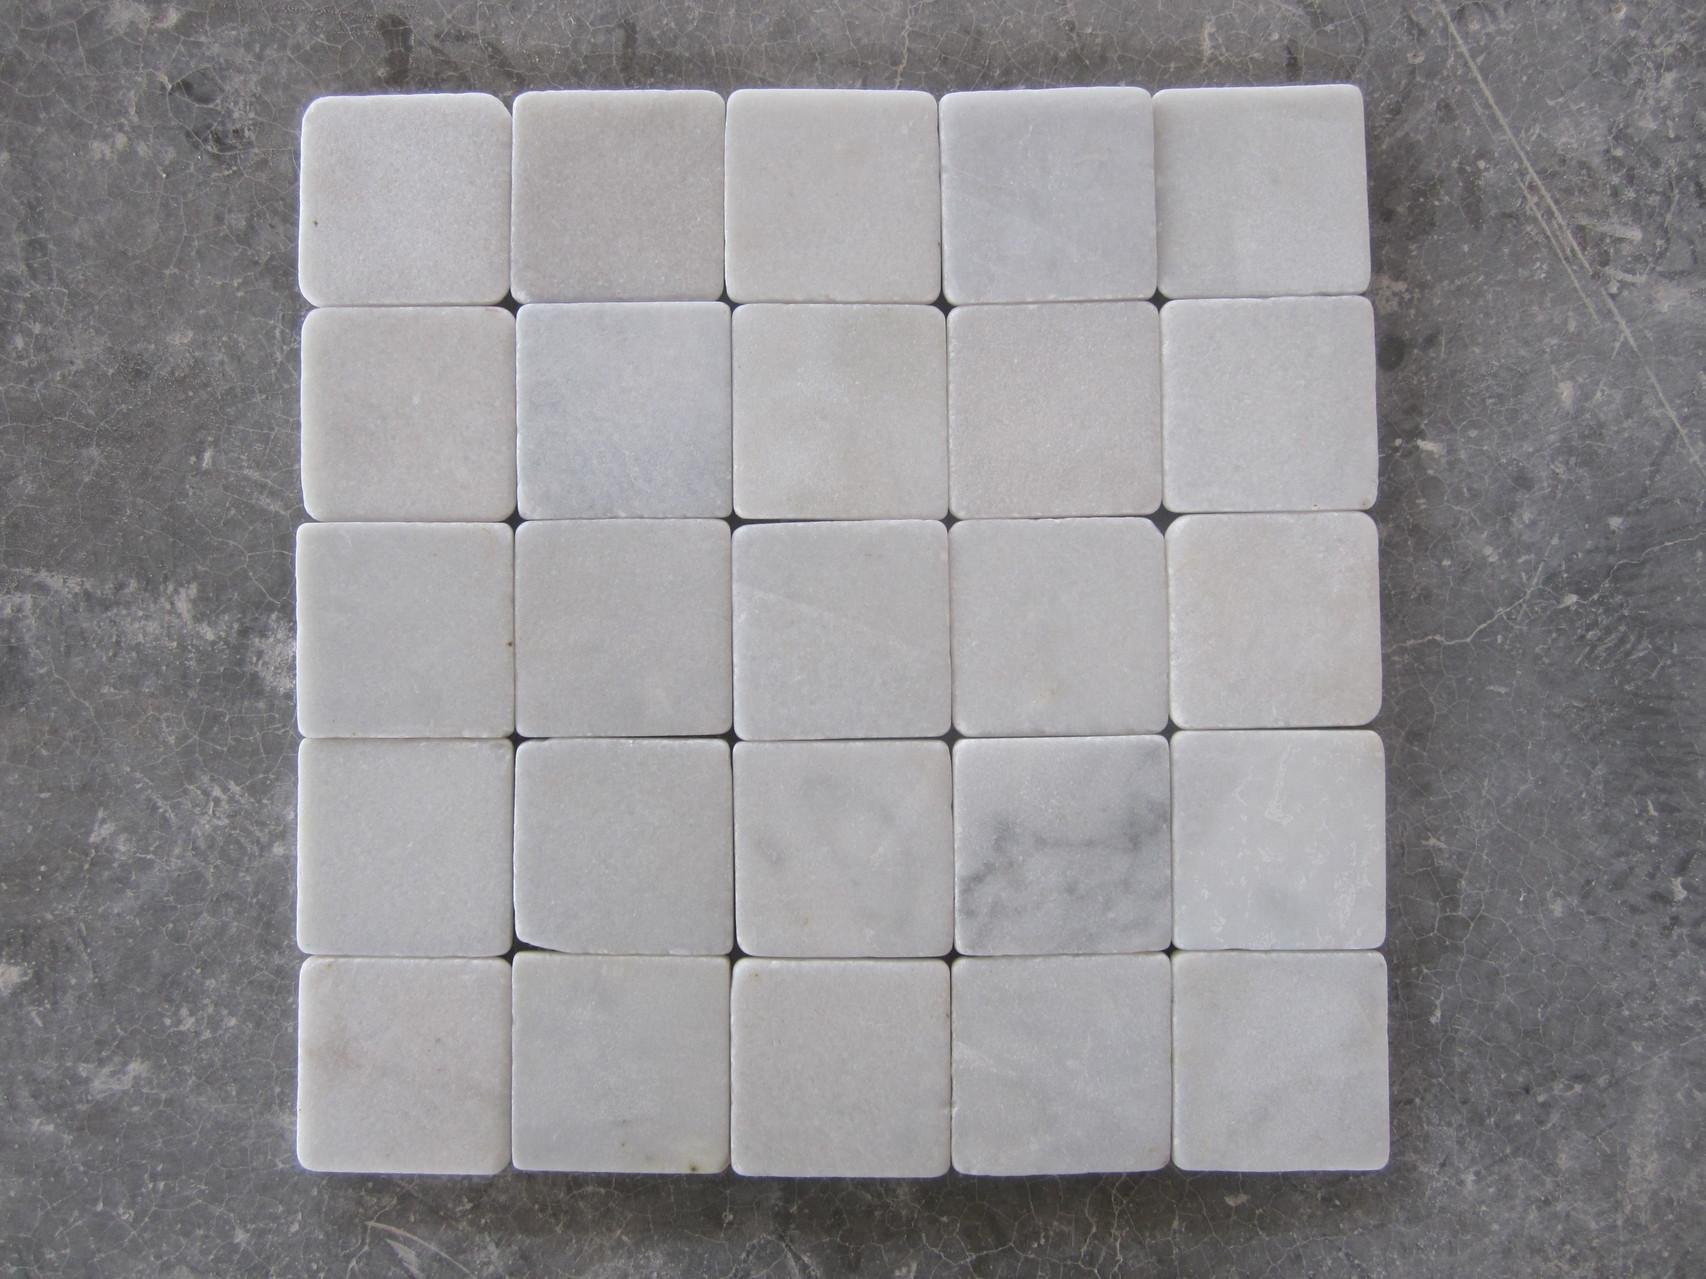 white marble tombol, white marble, white carrara marble, carrara white, white calacatta marble, calacatta white marble, white royal marble